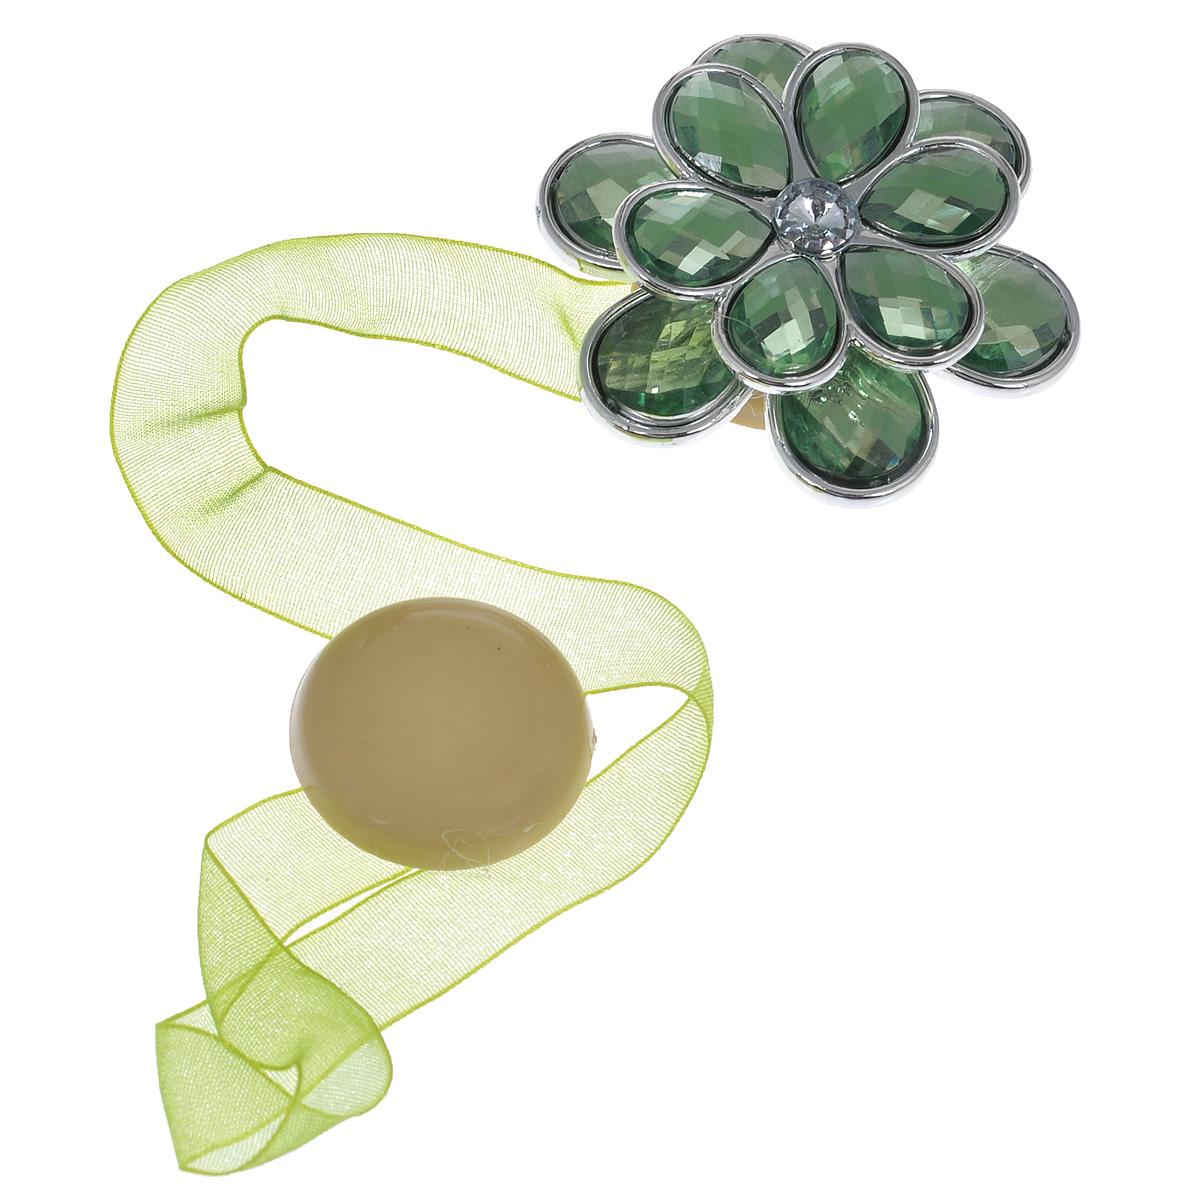 Клипса-магнит для штор Calamita Fiore, цвет: светло-зеленый. 7704021_8447704021_844Клипса-магнит Calamita Fiore, изготовленная из пластика и текстиля, предназначена для придания формы шторам. Изделие представляет собой два магнита, расположенных на разных концах текстильной ленты. Один из магнитов оформлен декоративным цветком. С помощью такой магнитной клипсы можно зафиксировать портьеры, придать им требуемое положение, сделать складки симметричными или приблизить портьеры, скрепить их. Клипсы для штор являются универсальным изделием, которое превосходно подойдет как для штор в детской комнате, так и для штор в гостиной. Следует отметить, что клипсы для штор выполняют не только практическую функцию, но также являются одной из основных деталей декора этого изделия, которая придает шторам восхитительный, стильный внешний вид. Диаметр декоративного цветка: 5 см. Диаметр магнита: 2,5 см. Длина ленты: 25 см.